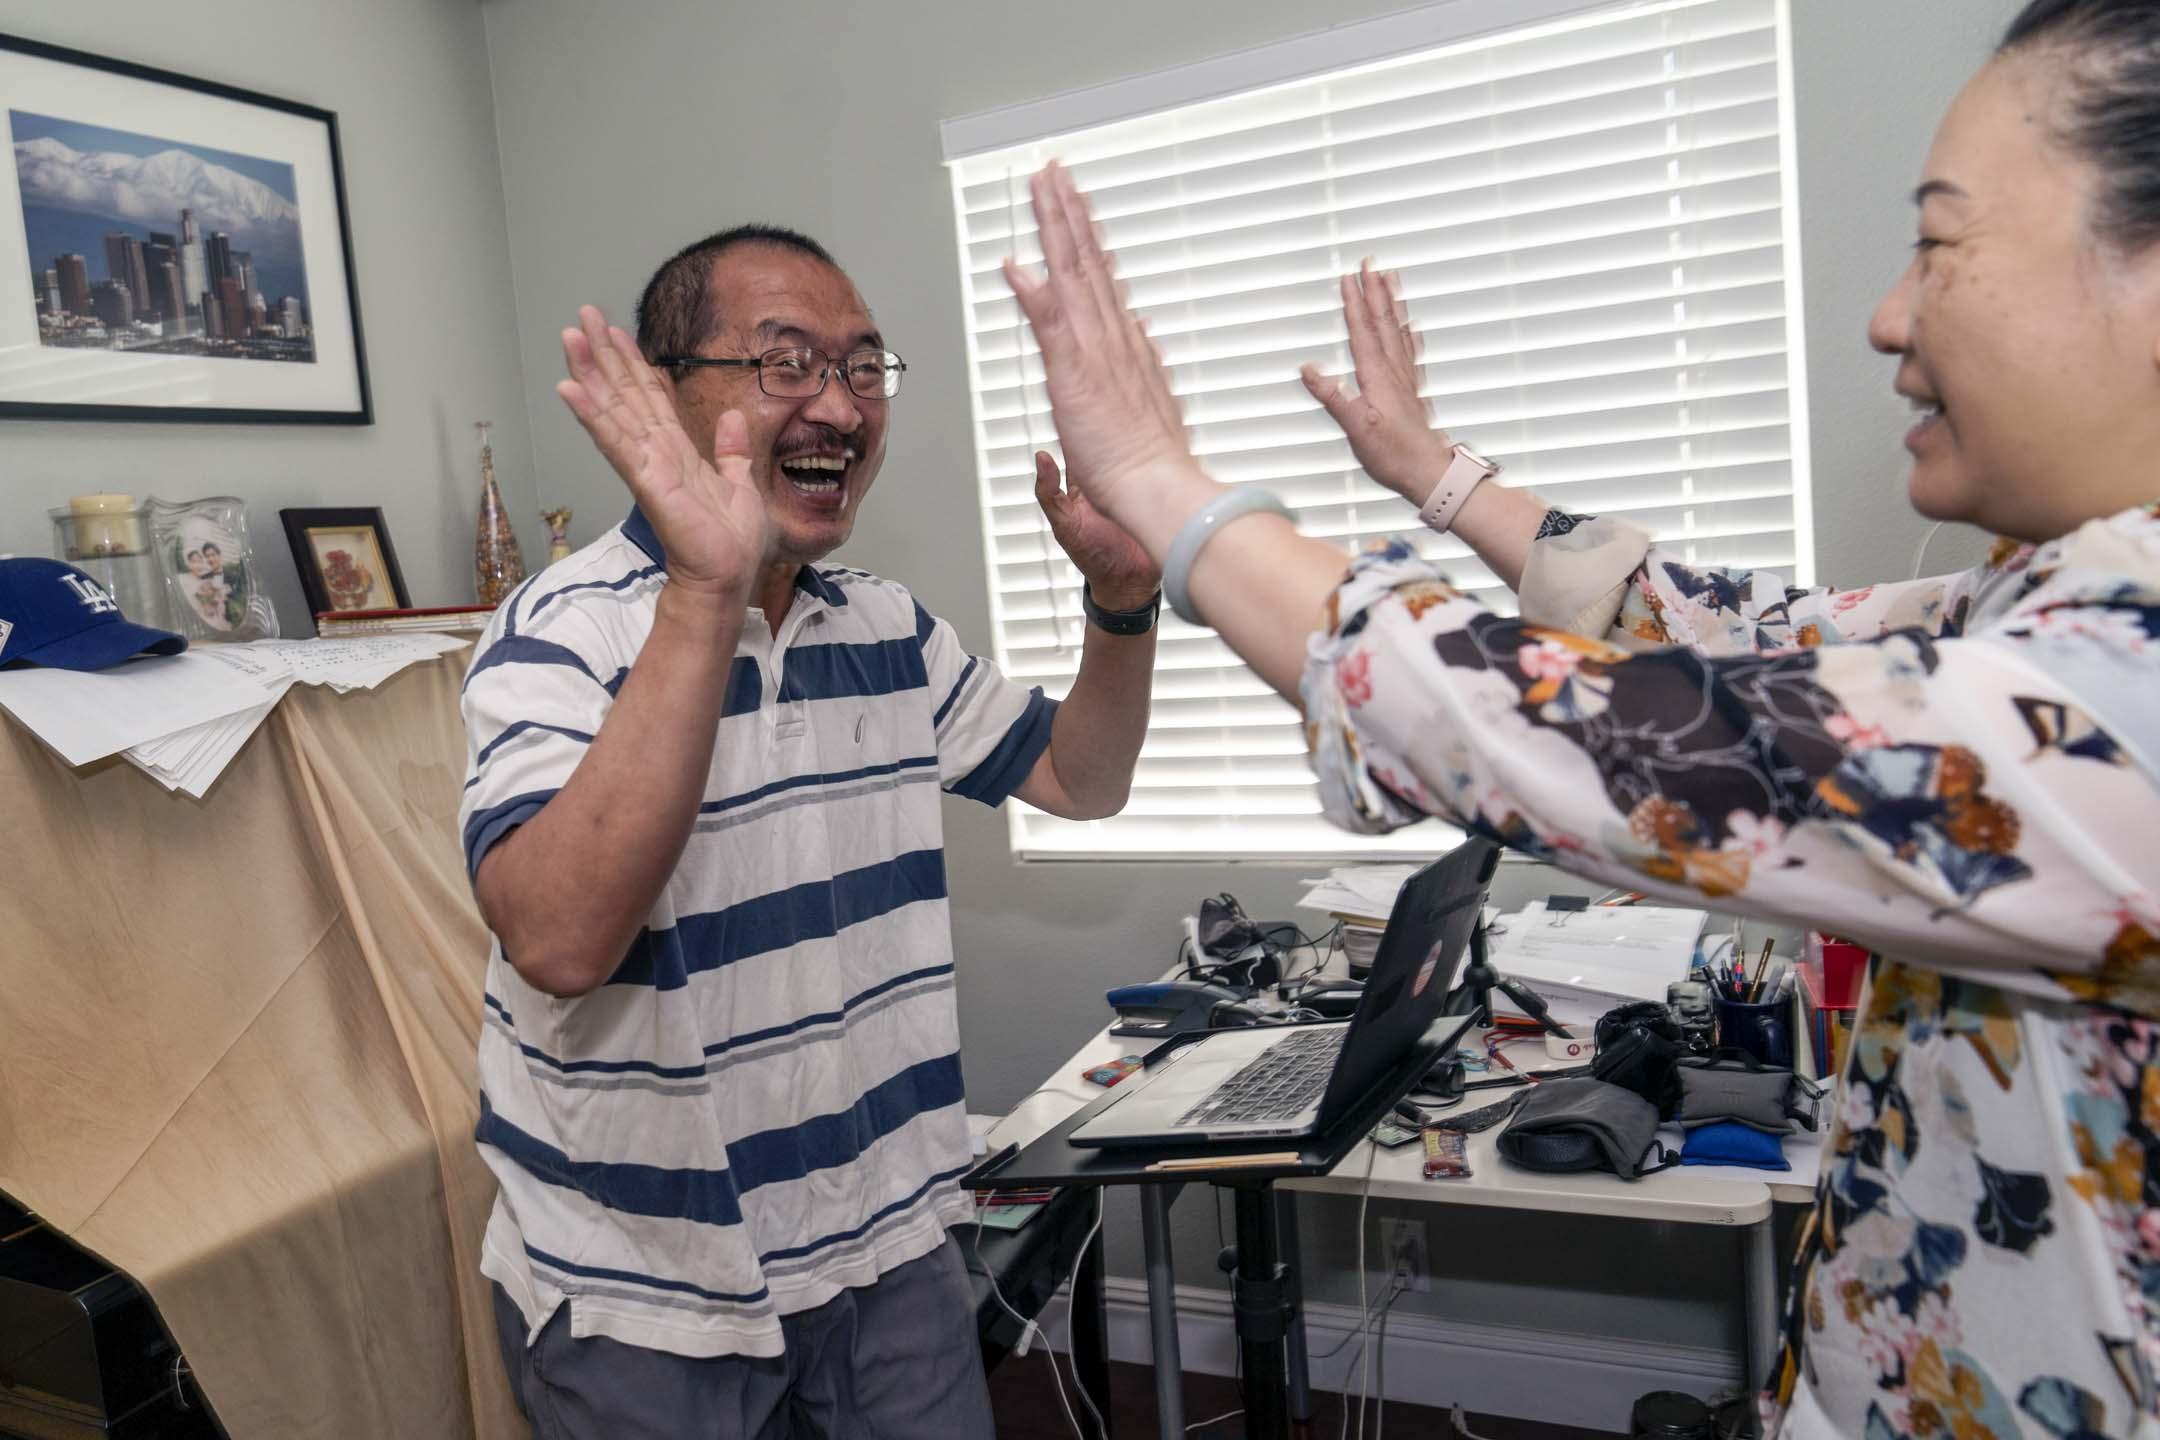 2021年6月11日,移居美國多年的美聯社港人攝影師趙漢榮 Ringo Chiu 得知自己獲普立茲獎後與太太 Suki 慶祝。 攝:Damian Dovarganes/AP/達志影像